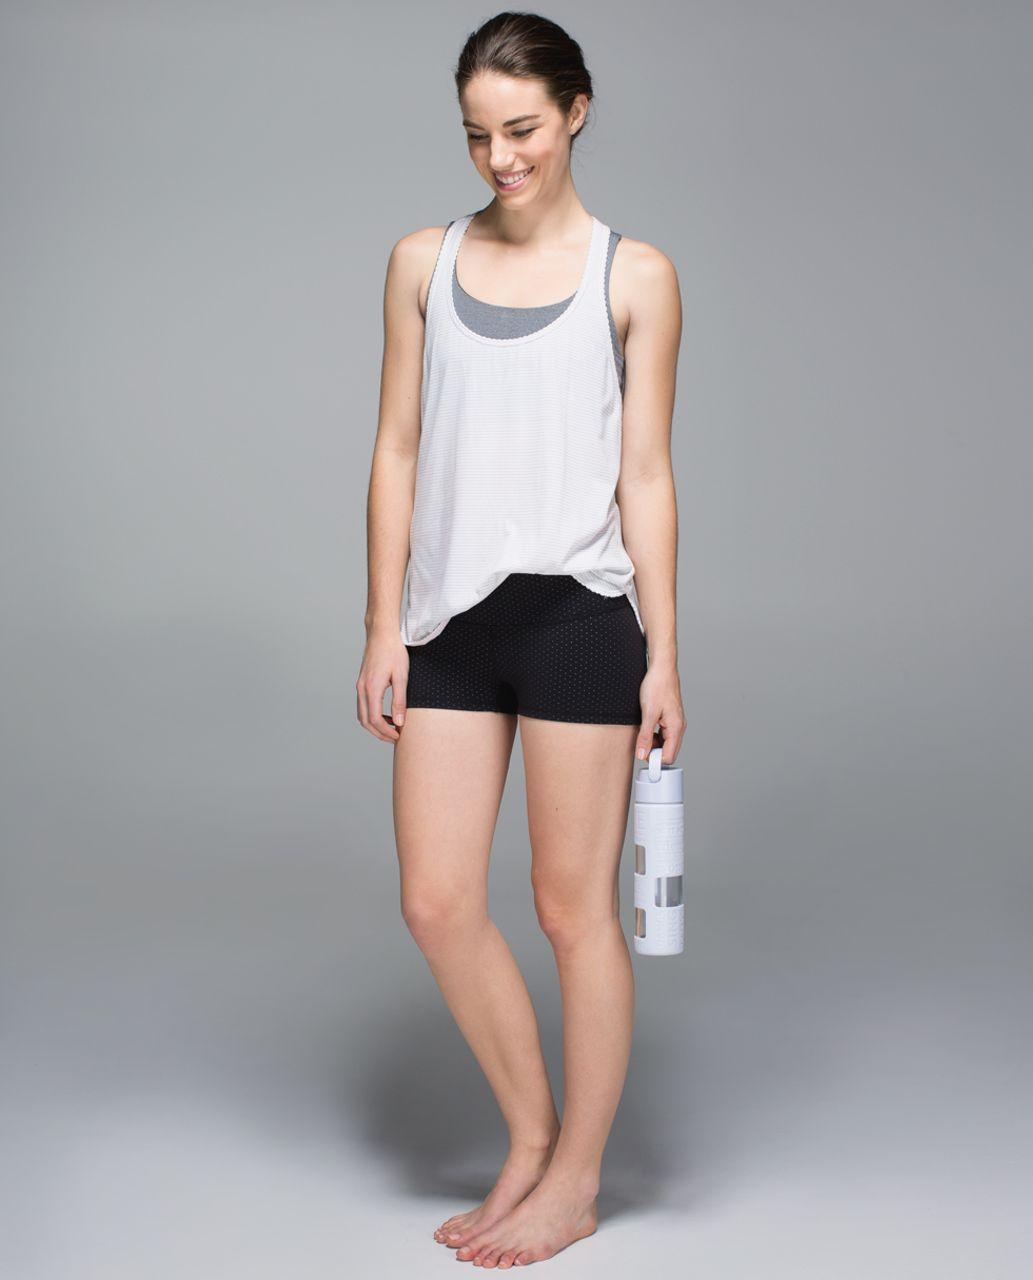 Lululemon Boogie Short - Teeny Dot Black White